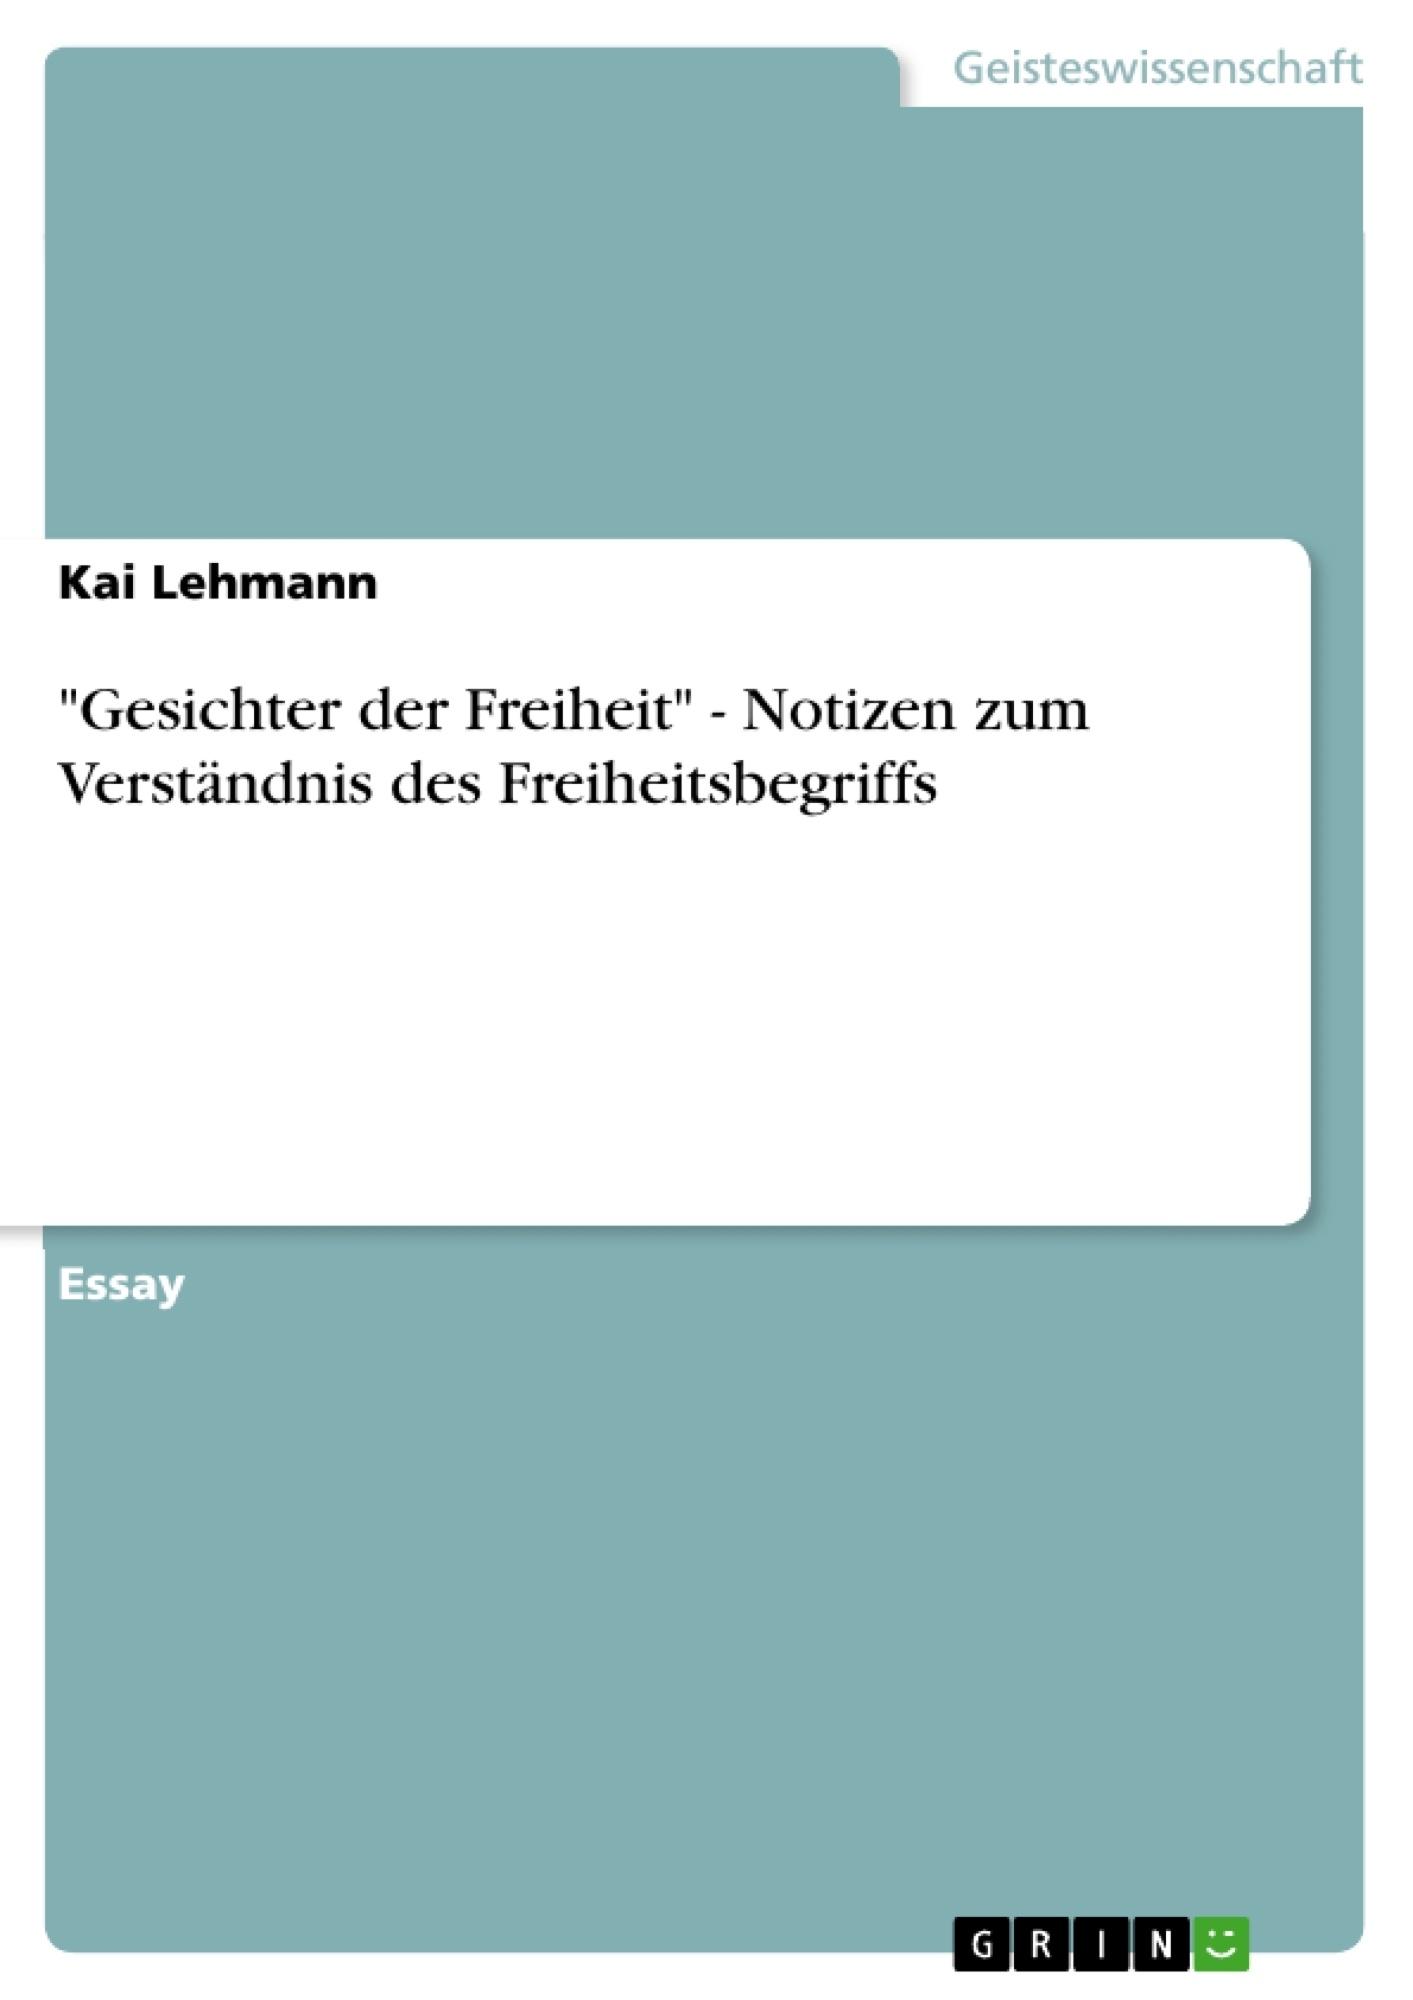 """Titel: """"Gesichter der Freiheit"""" - Notizen zum Verständnis des Freiheitsbegriffs"""